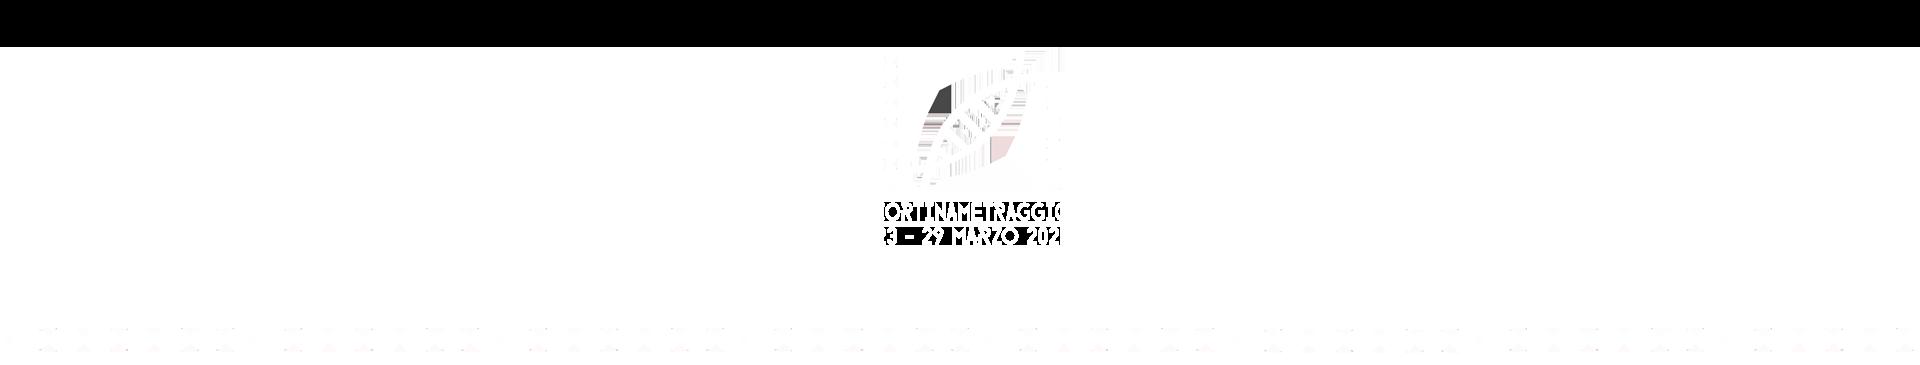 Cortinametraggio - festival di cortometraggi a cortina 23-29 marzo 2020